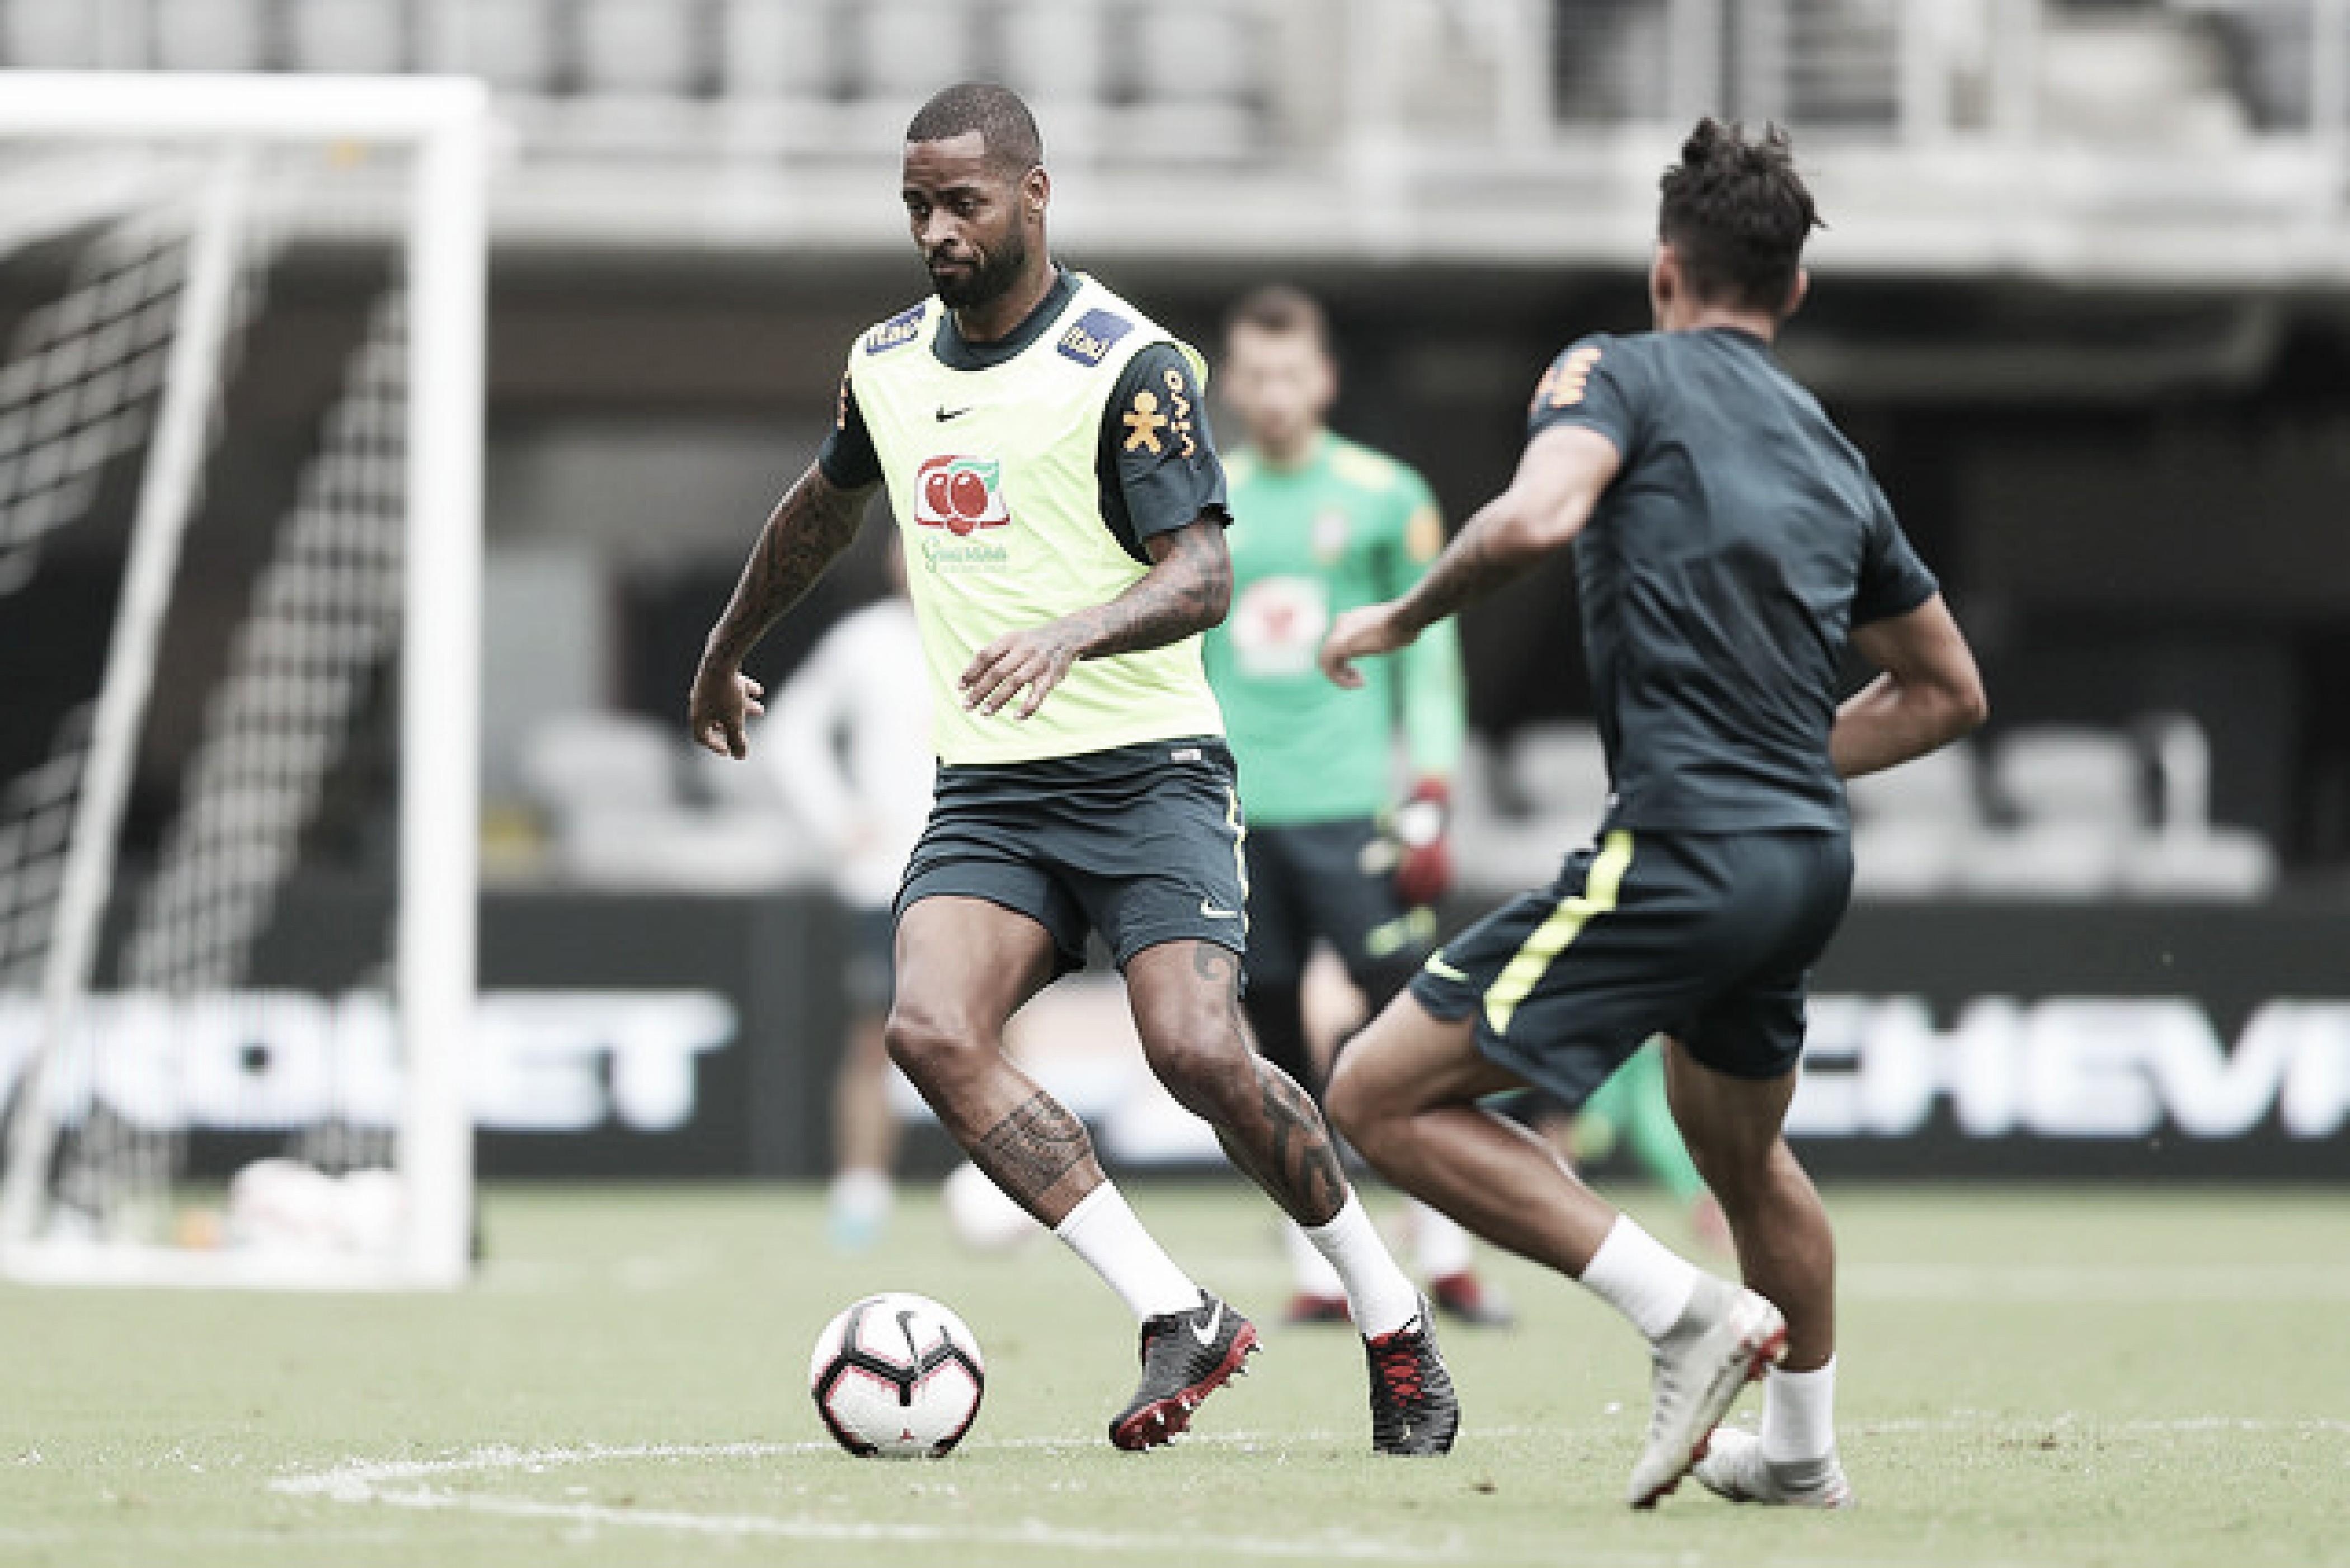 Titular pela Seleção,Dedé terá menos de 24 horas de descanso antes do duelo pela Copa do Brasil